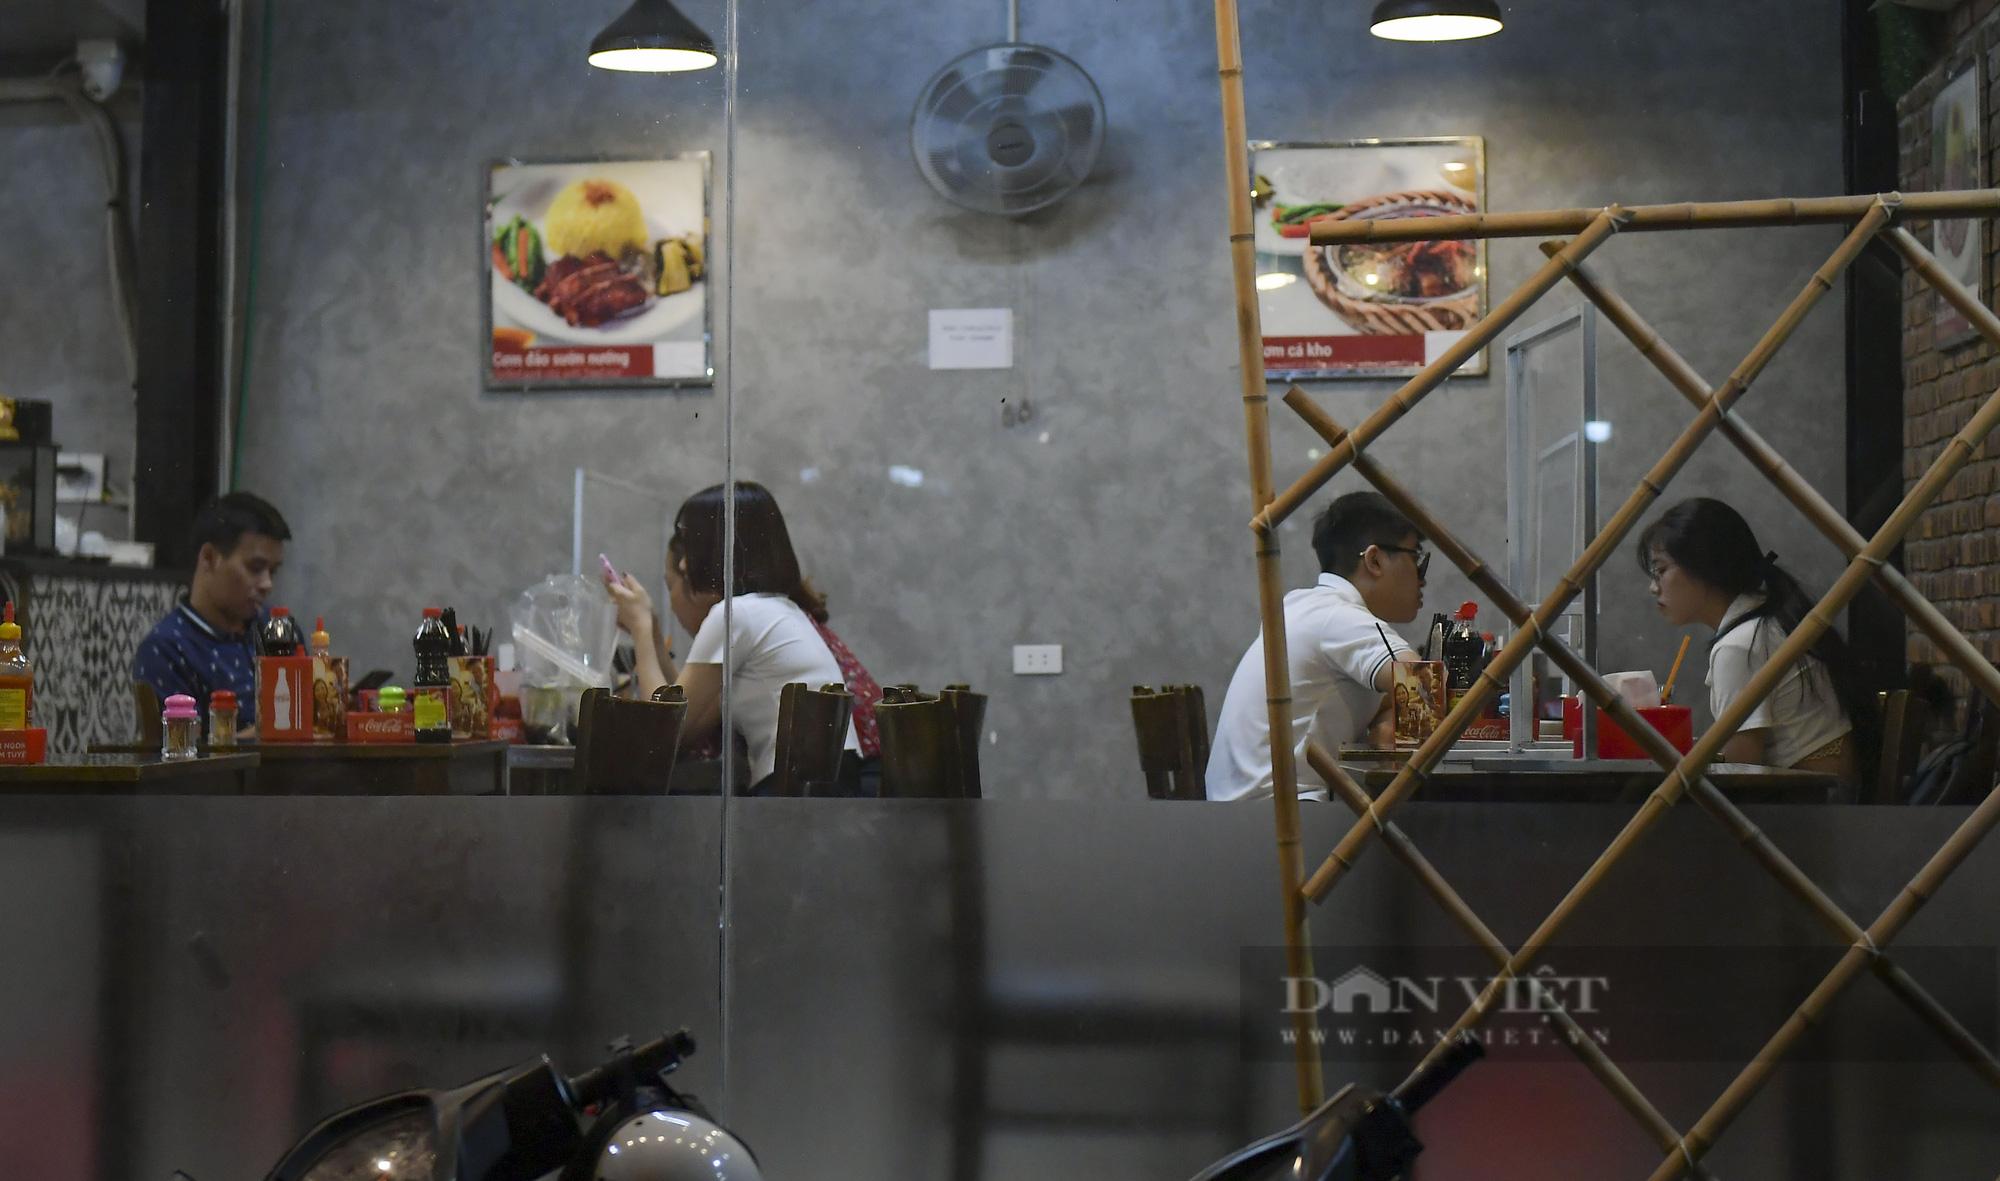 """Hà Nội: Phớt lờ lệnh cấm bán hàng sau 21h, nhiều nhà hàng """"nhốt khách"""" ăn uống phía trong - Ảnh 7."""